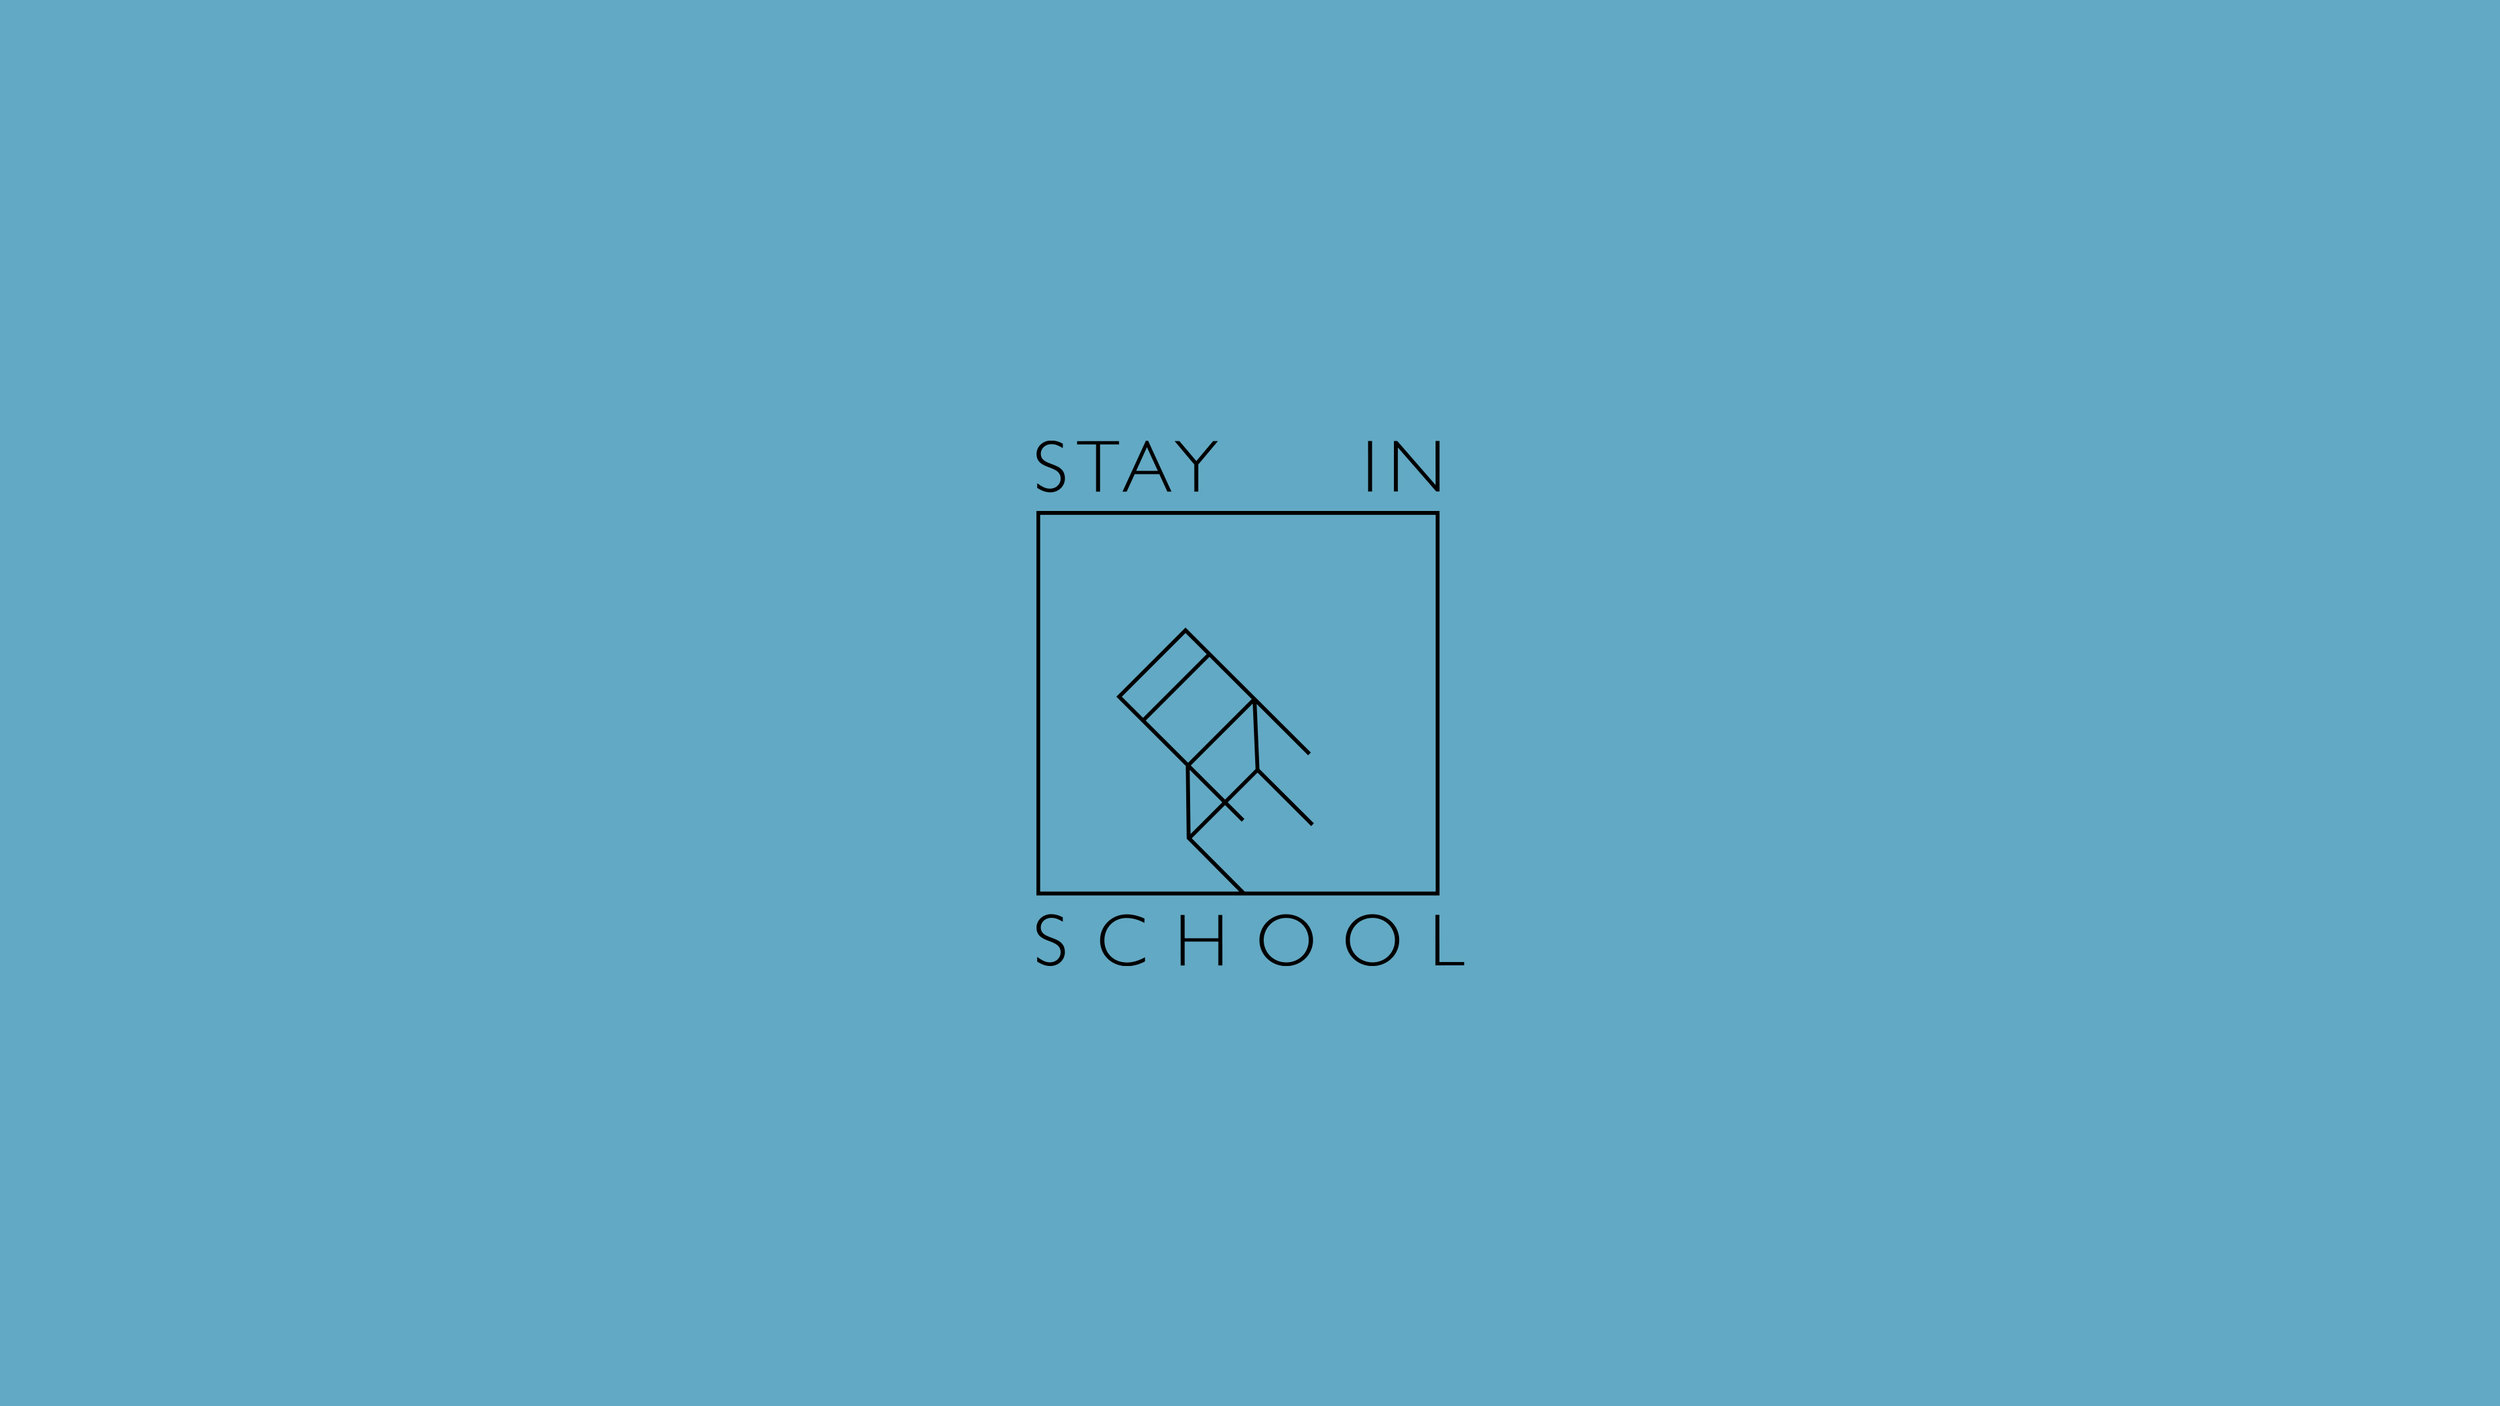 Stay in School